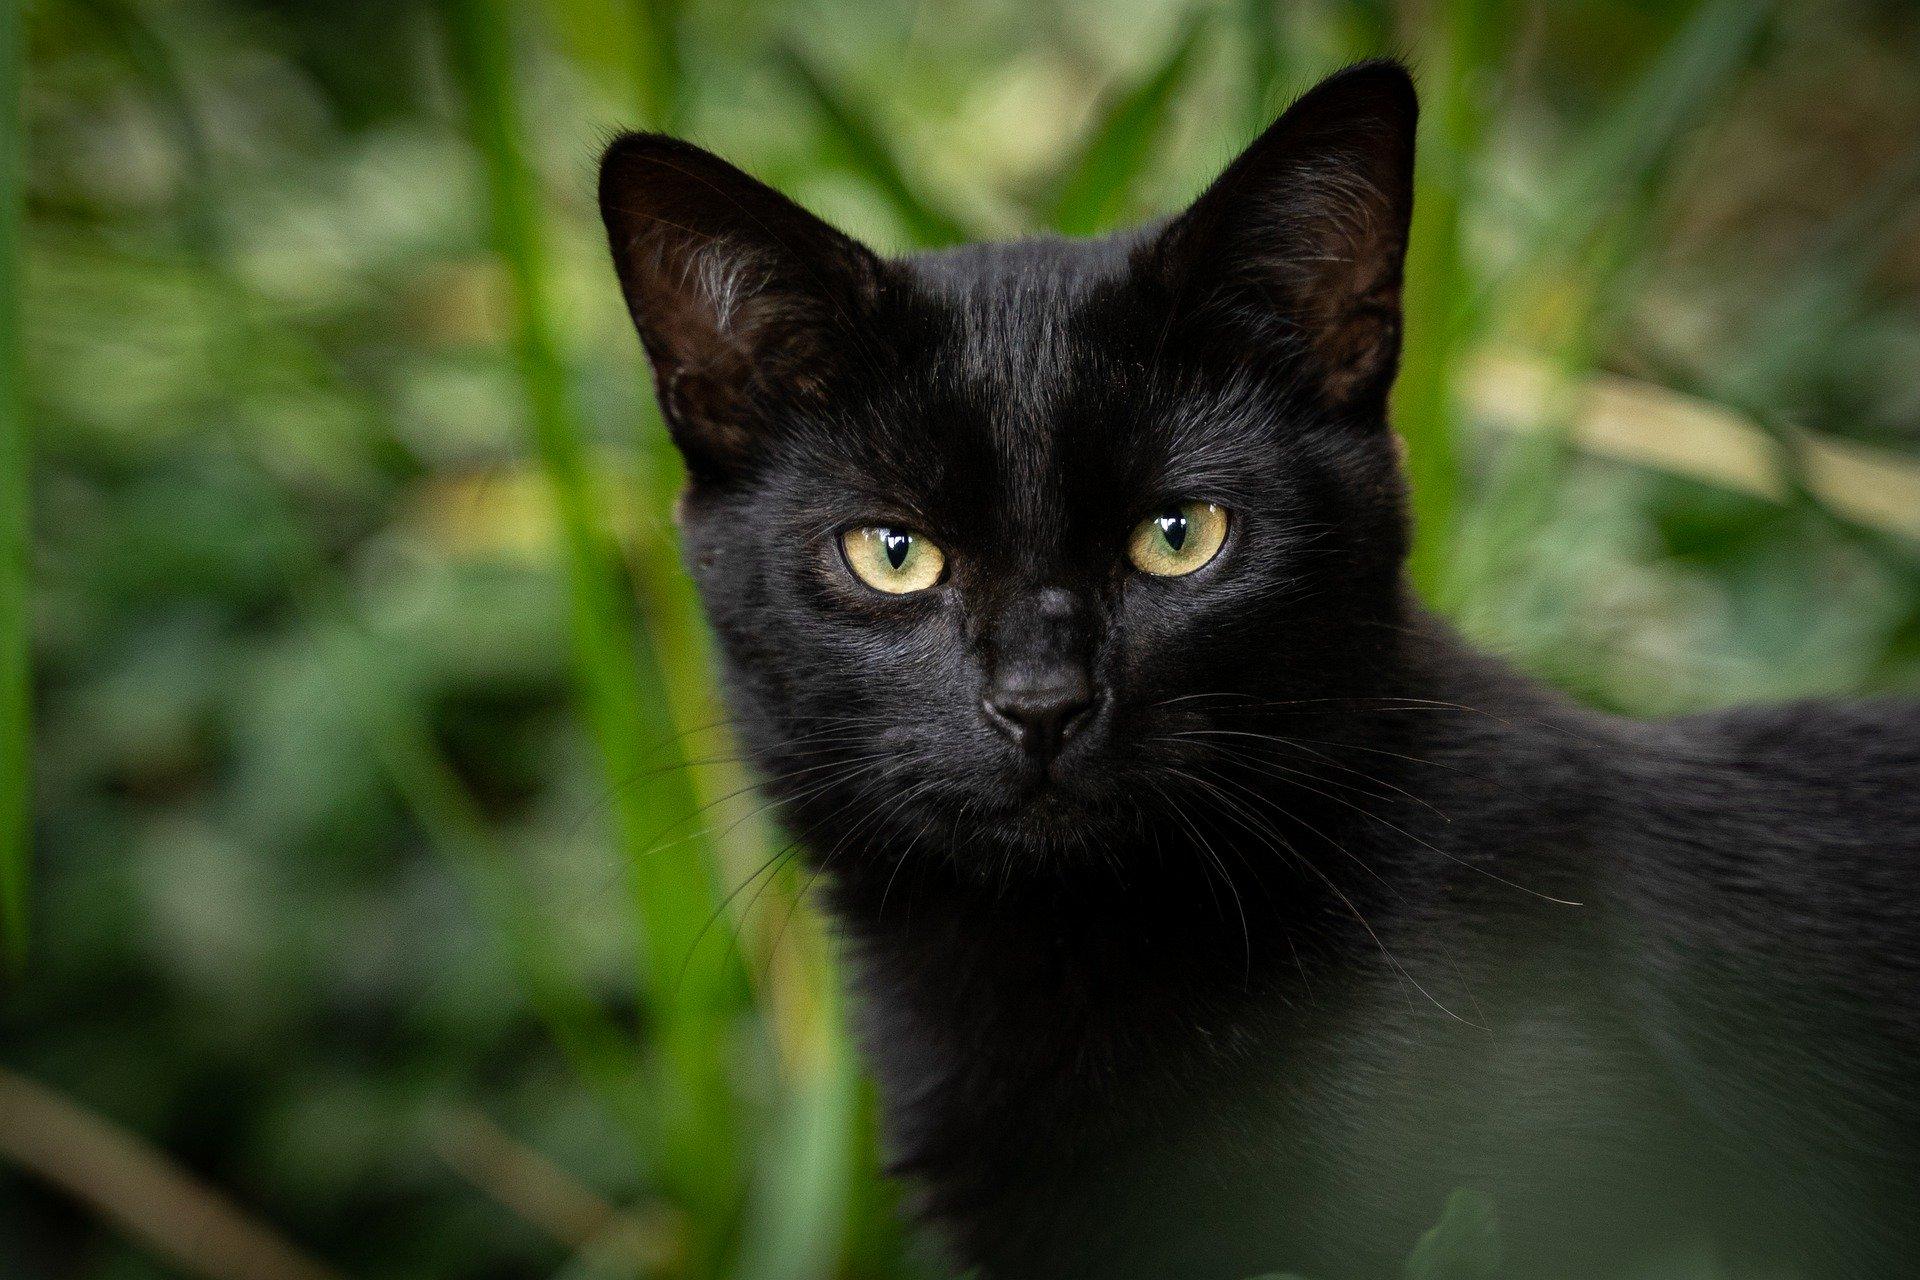 Le syndrome du chat noir : Pourquoi les chats noirs peuvent avoir plus de mal à se faire adopter